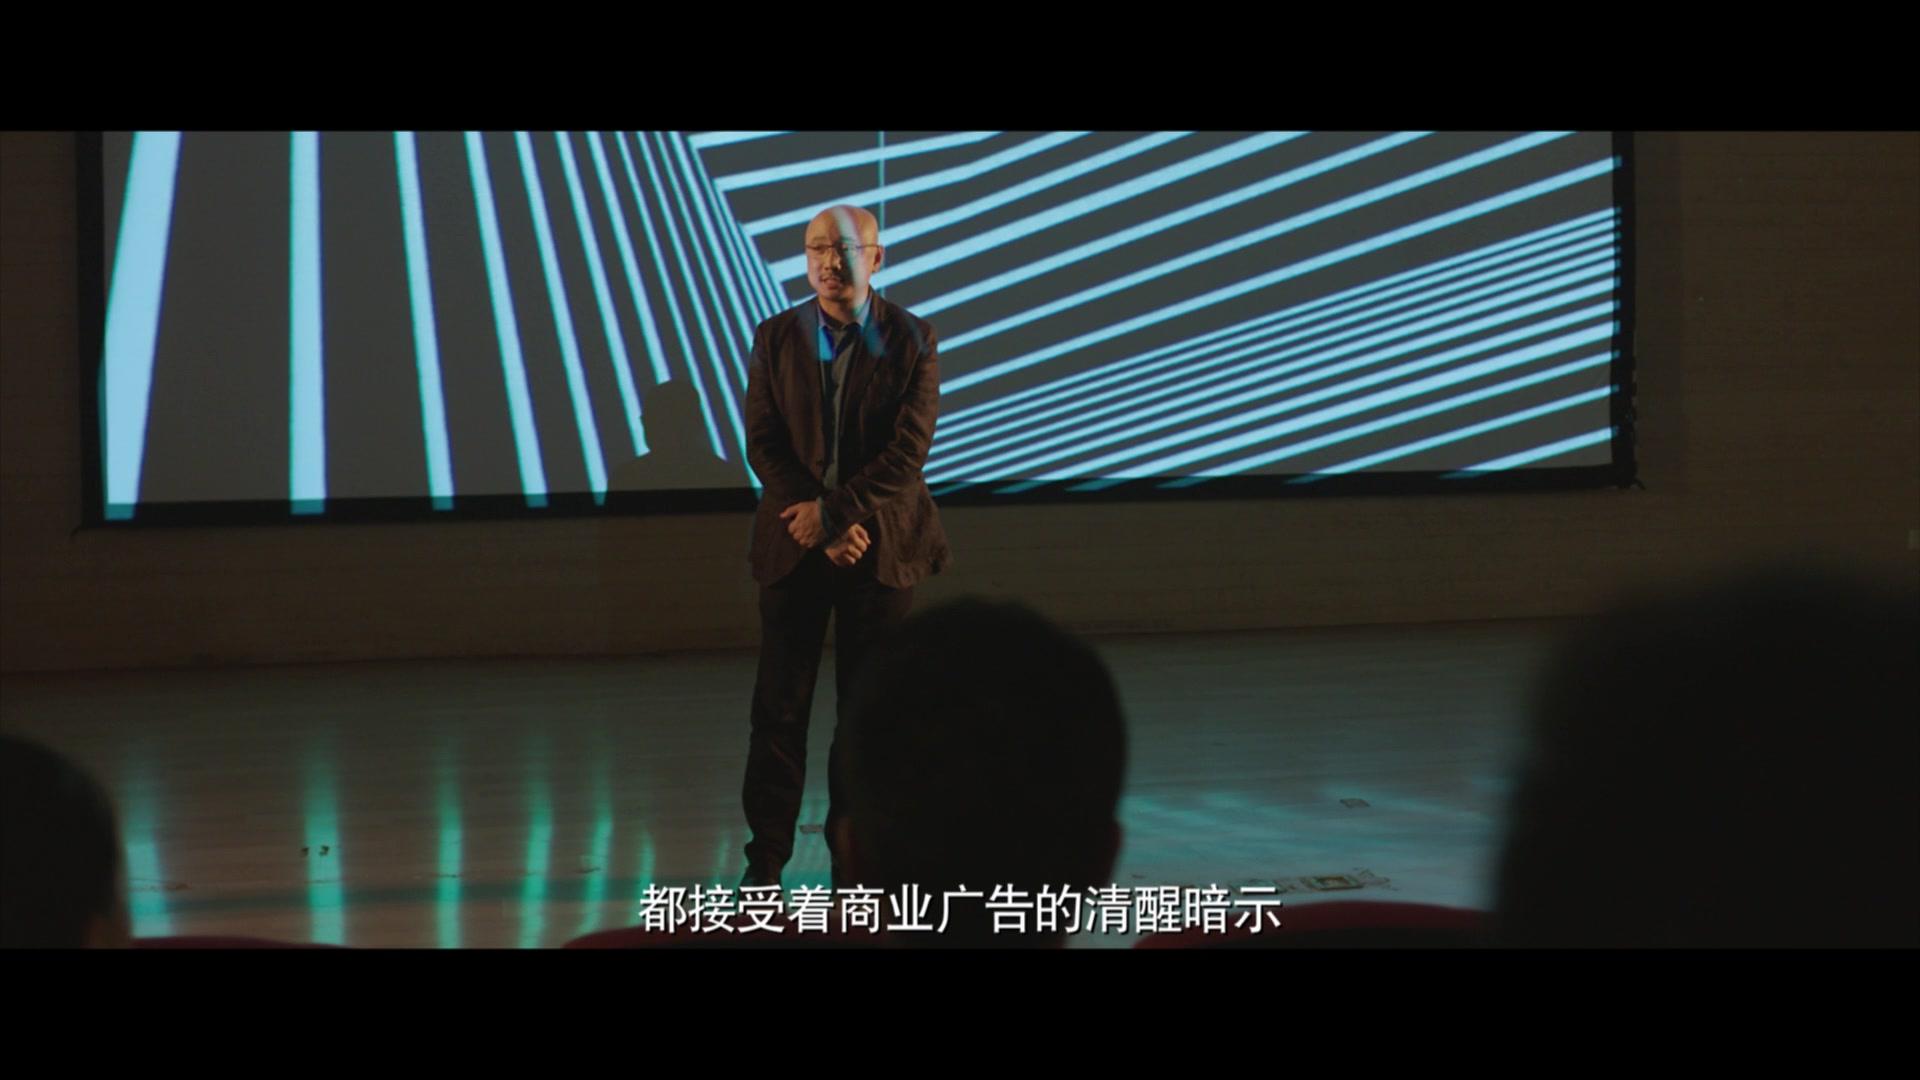 Trailer 2: The Great Hypnotist